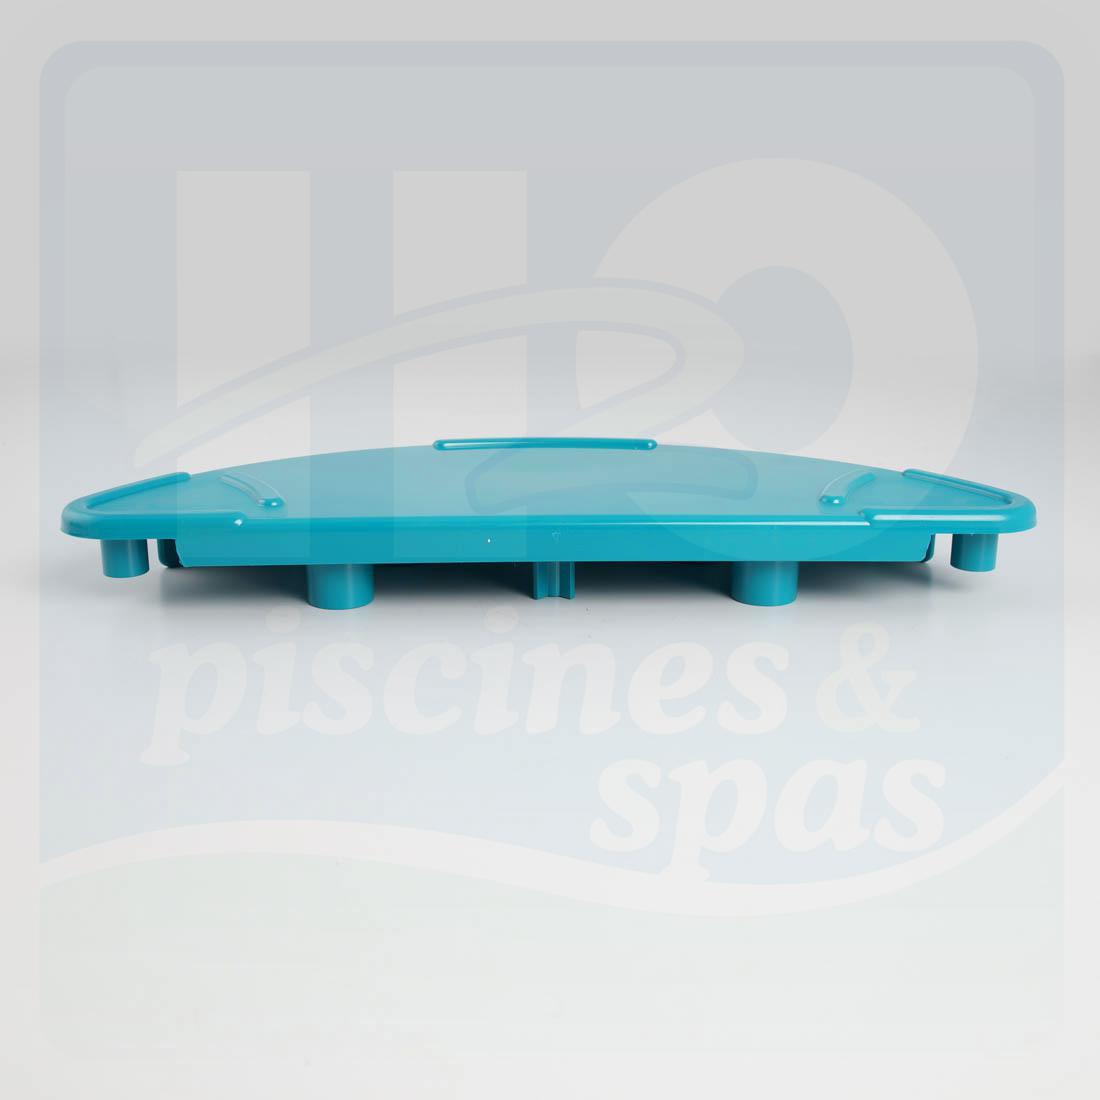 Panneau latral de robot dolphin 2001 2002 h2o piscines for Avis robot piscine dolphin 2001